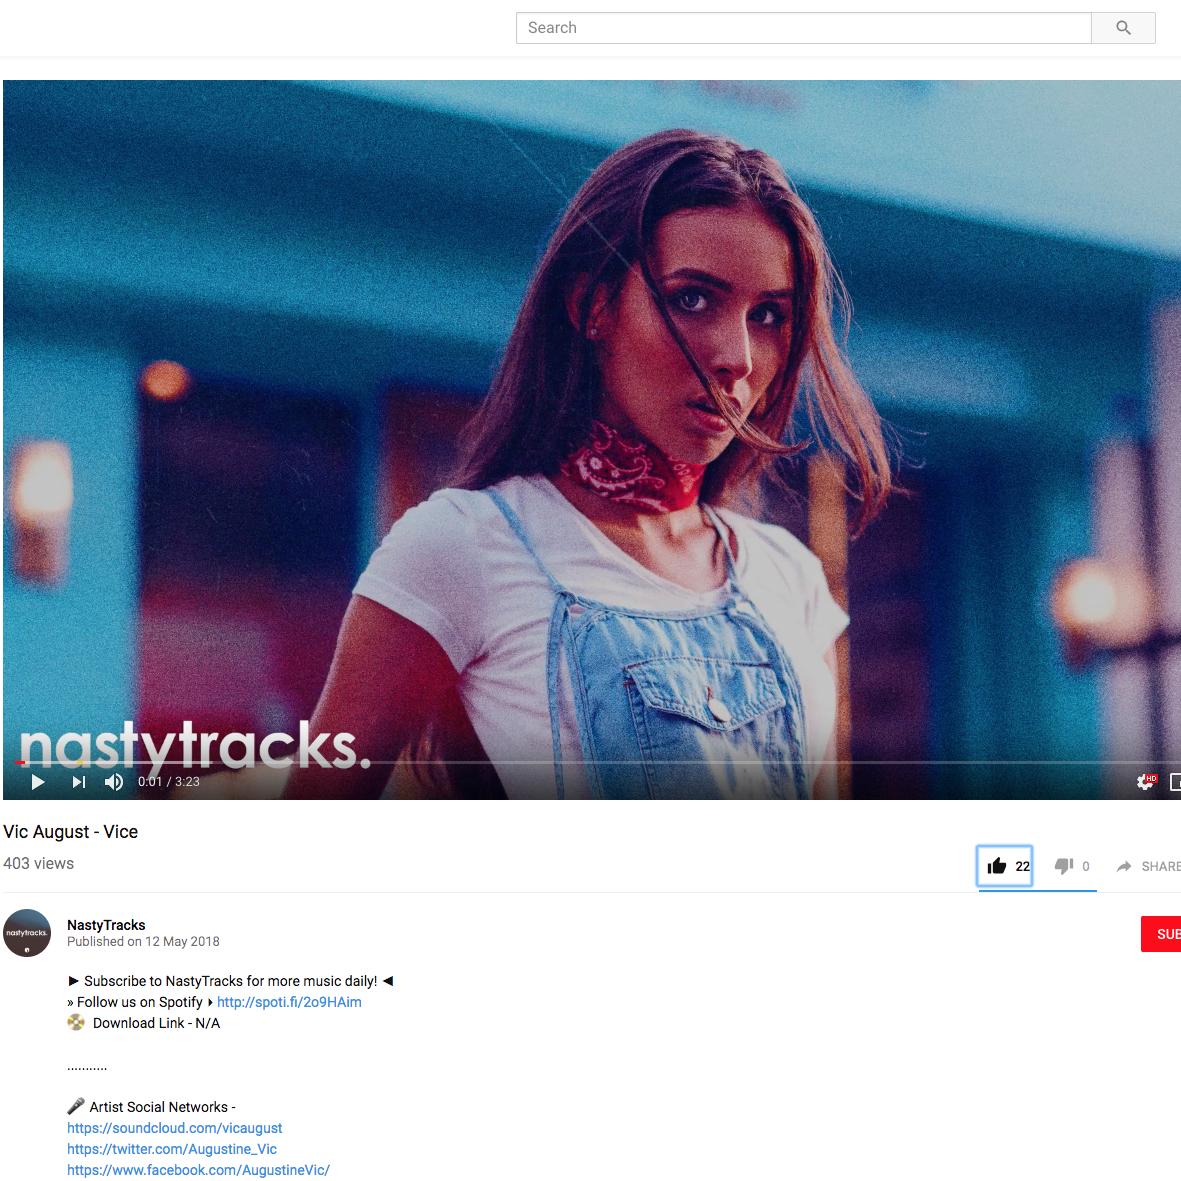 Nastytracks - May 12th 2018